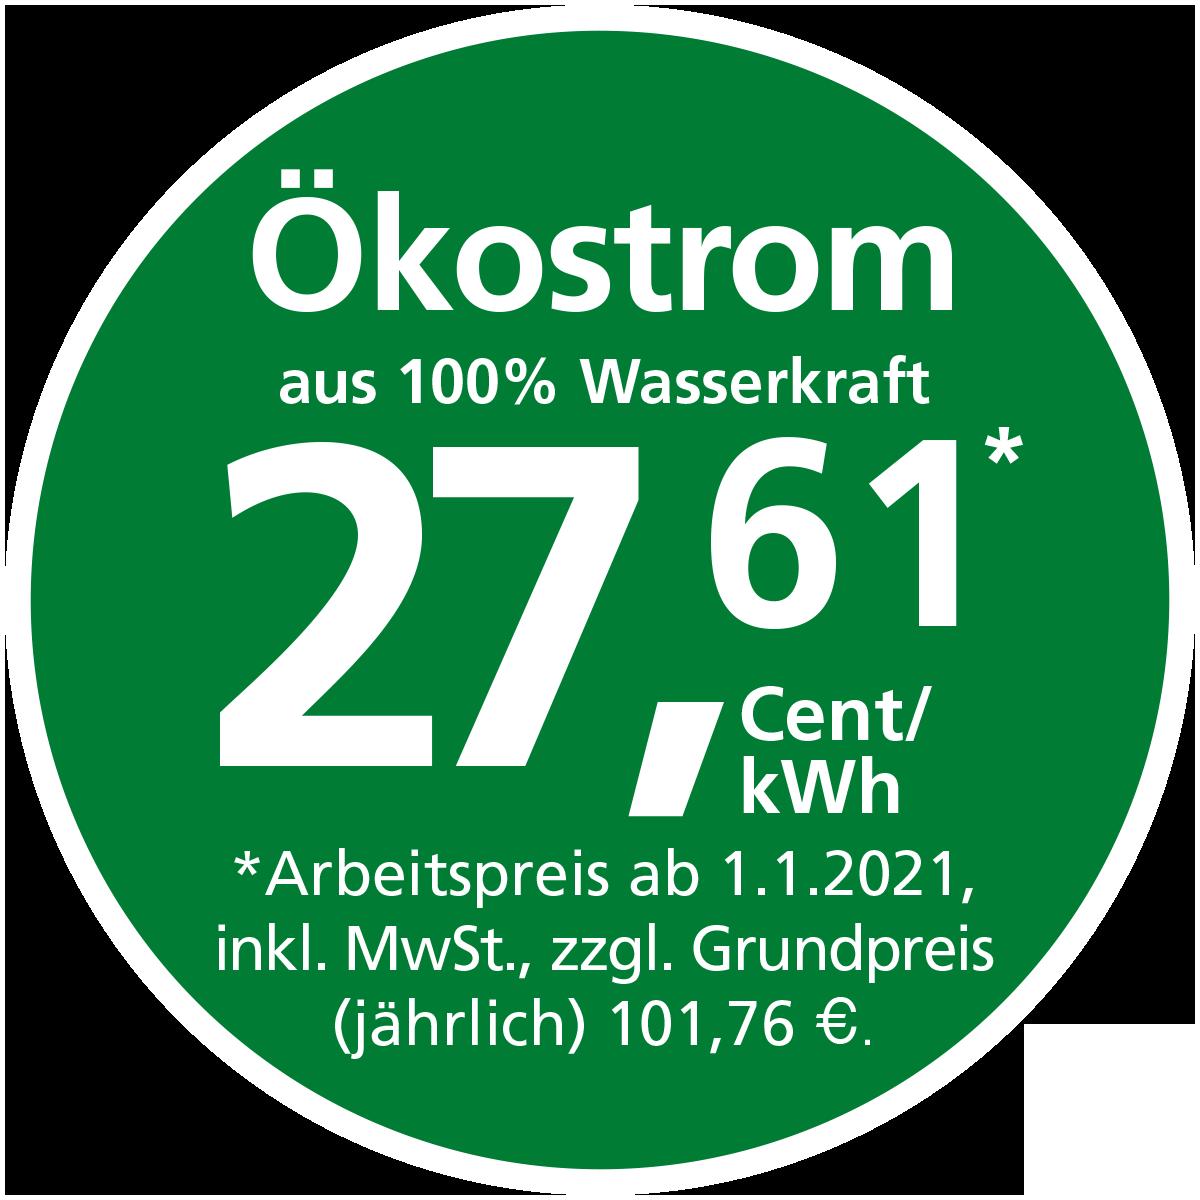 Stadtwerke Winnenden: Ökostrom aus 100% Wasserkraft